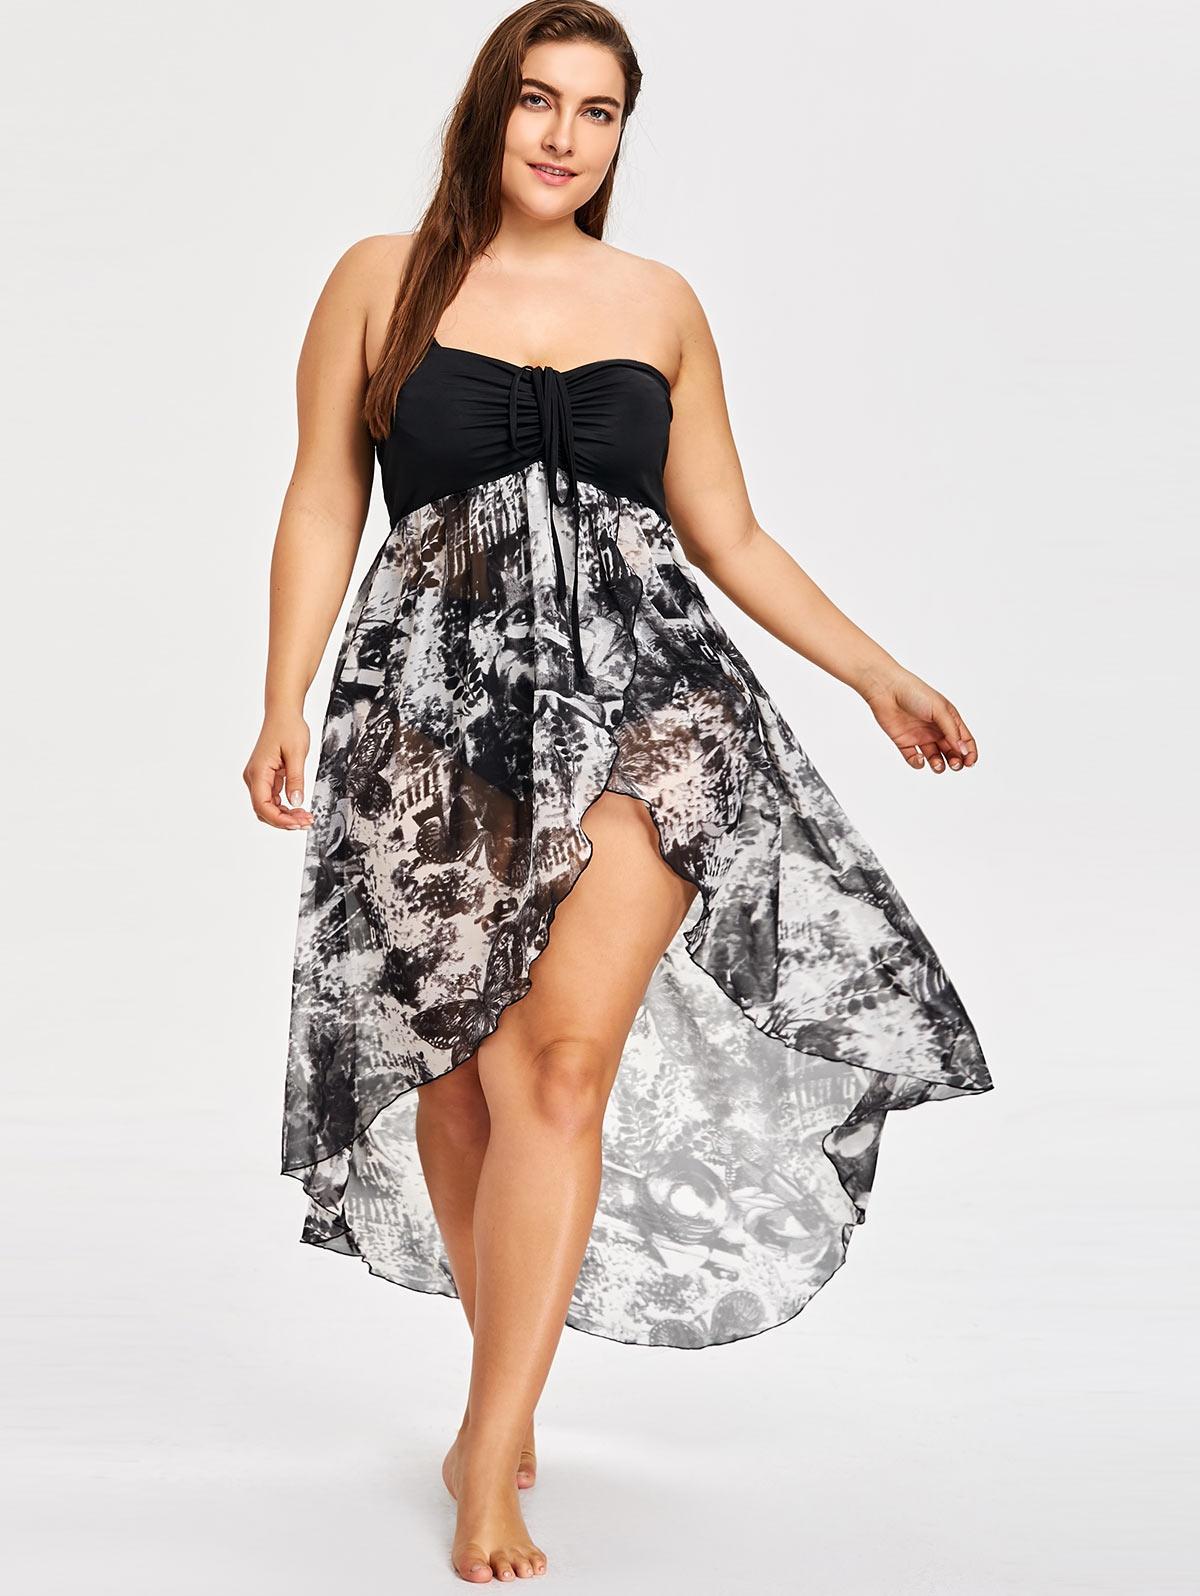 0711c29ceaf Großhandel Plus Size Boho Maxi Kleid Für Frauen Trägerlos High Low Sexy Party  Kleid Sommer Ärmelloses Casual Strand Große Größe 4XL 5XL Von Silan